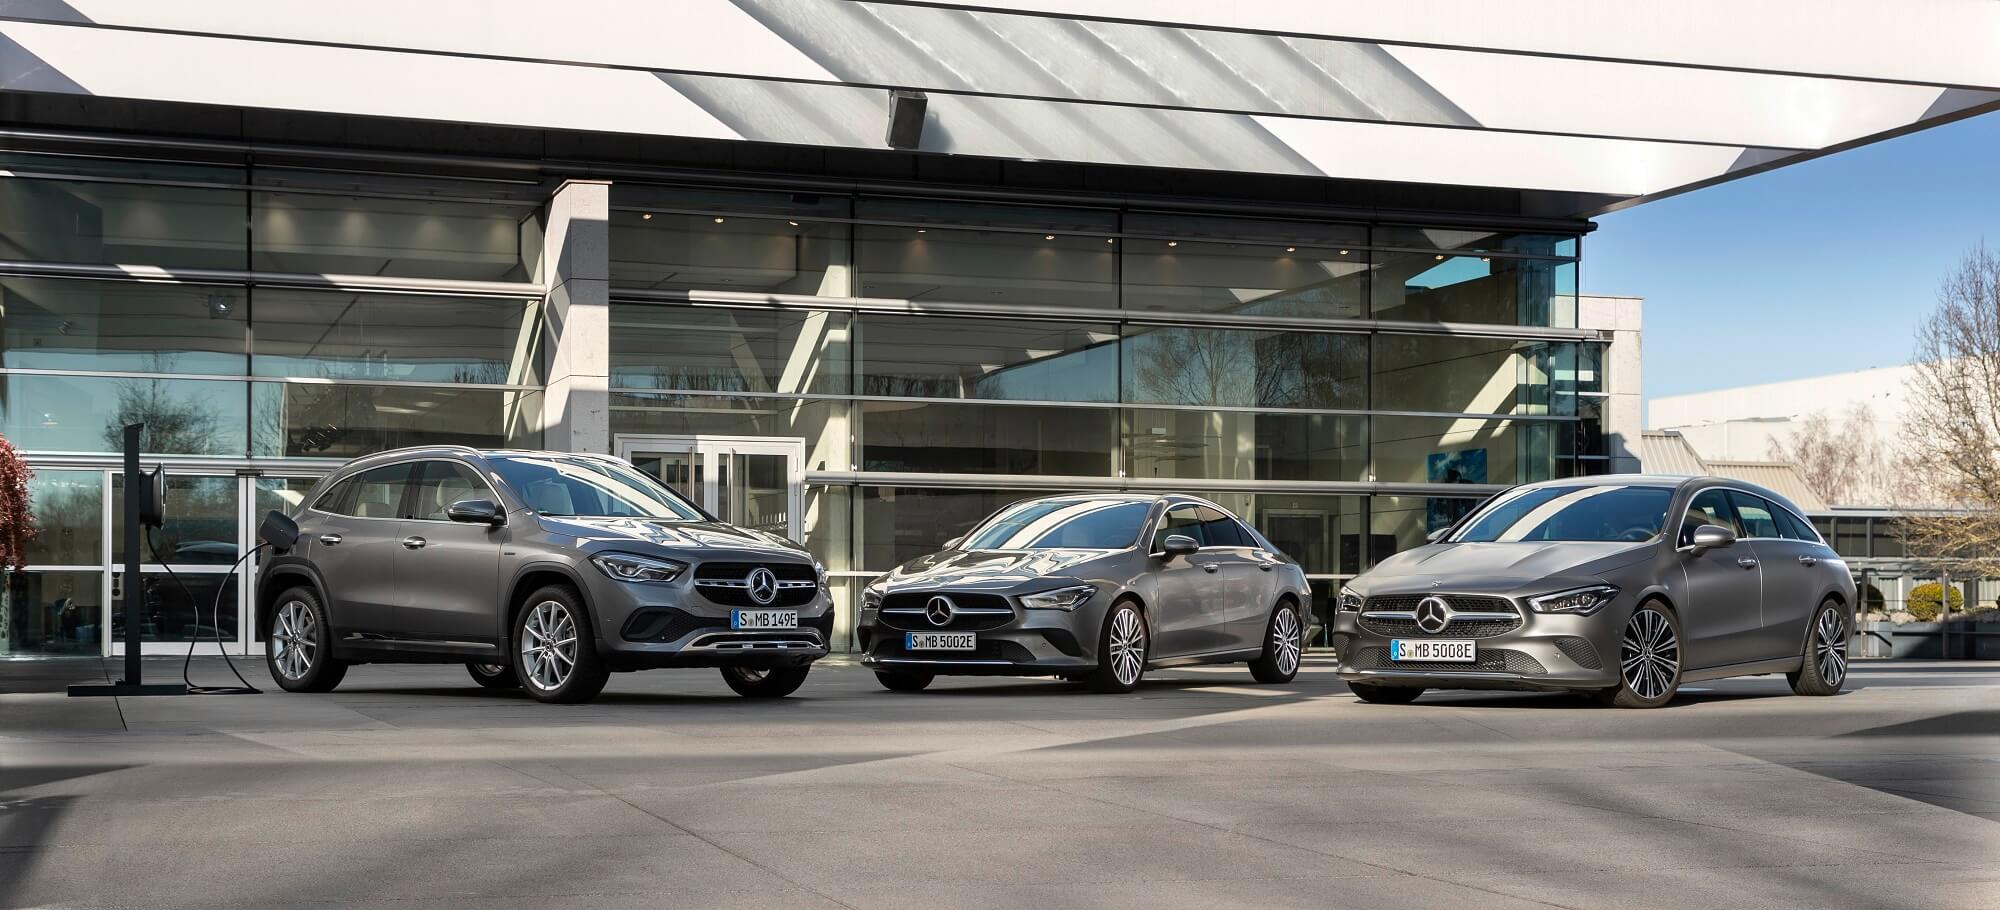 Mercedes-Benz GLA, CLA Coupé e CLA Shooting Brake Híbridos plug-in